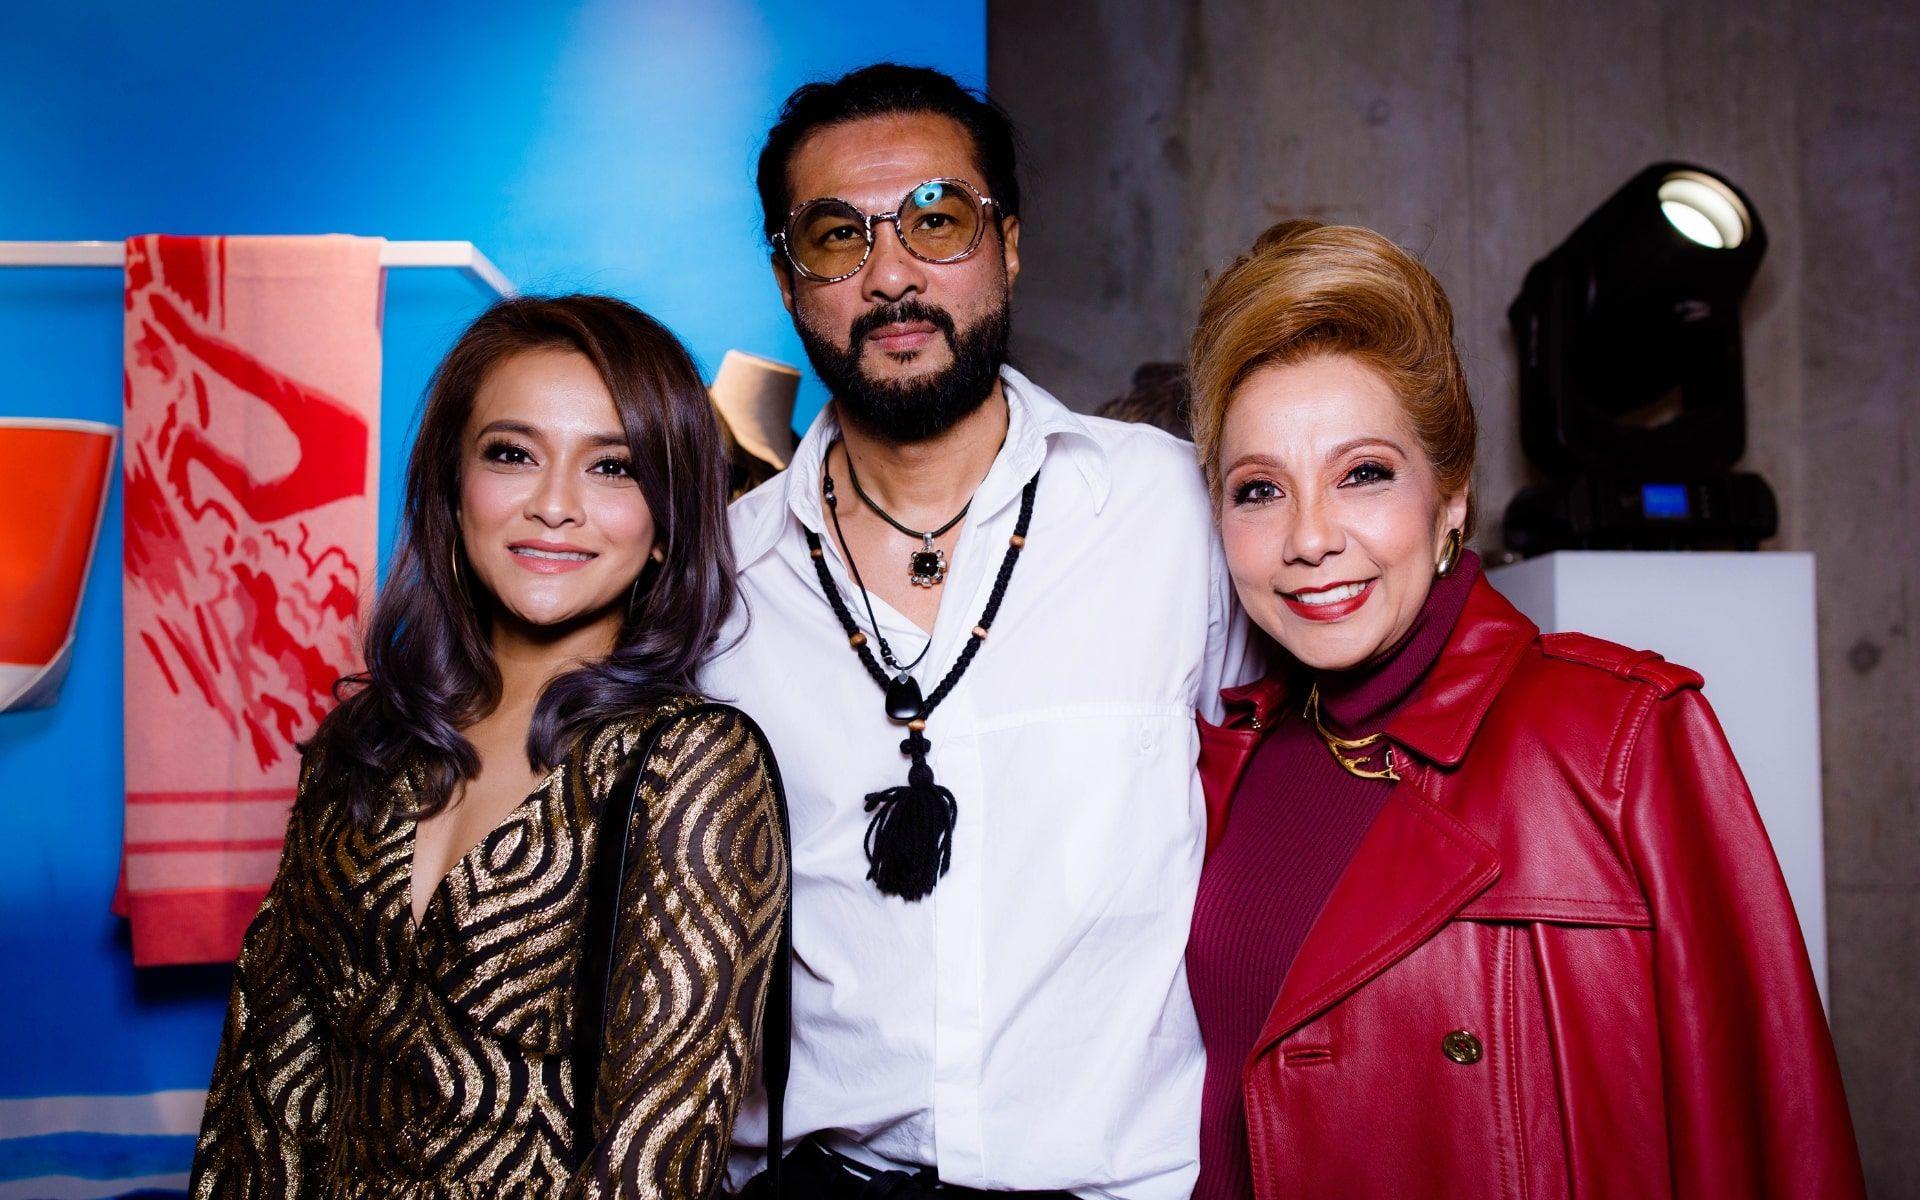 Sazzy Falak, Dato' Sri Bernard Chandran and Datin Sri Chris Abishegam